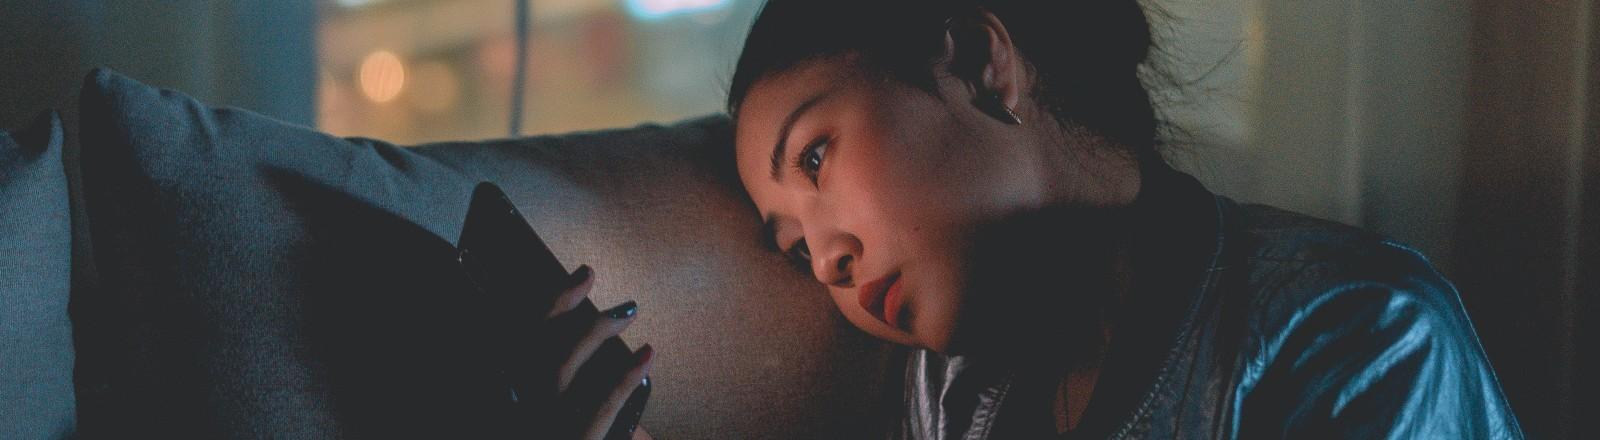 Eine Frau sitzt auf der Couch und starrt in ihr Handy